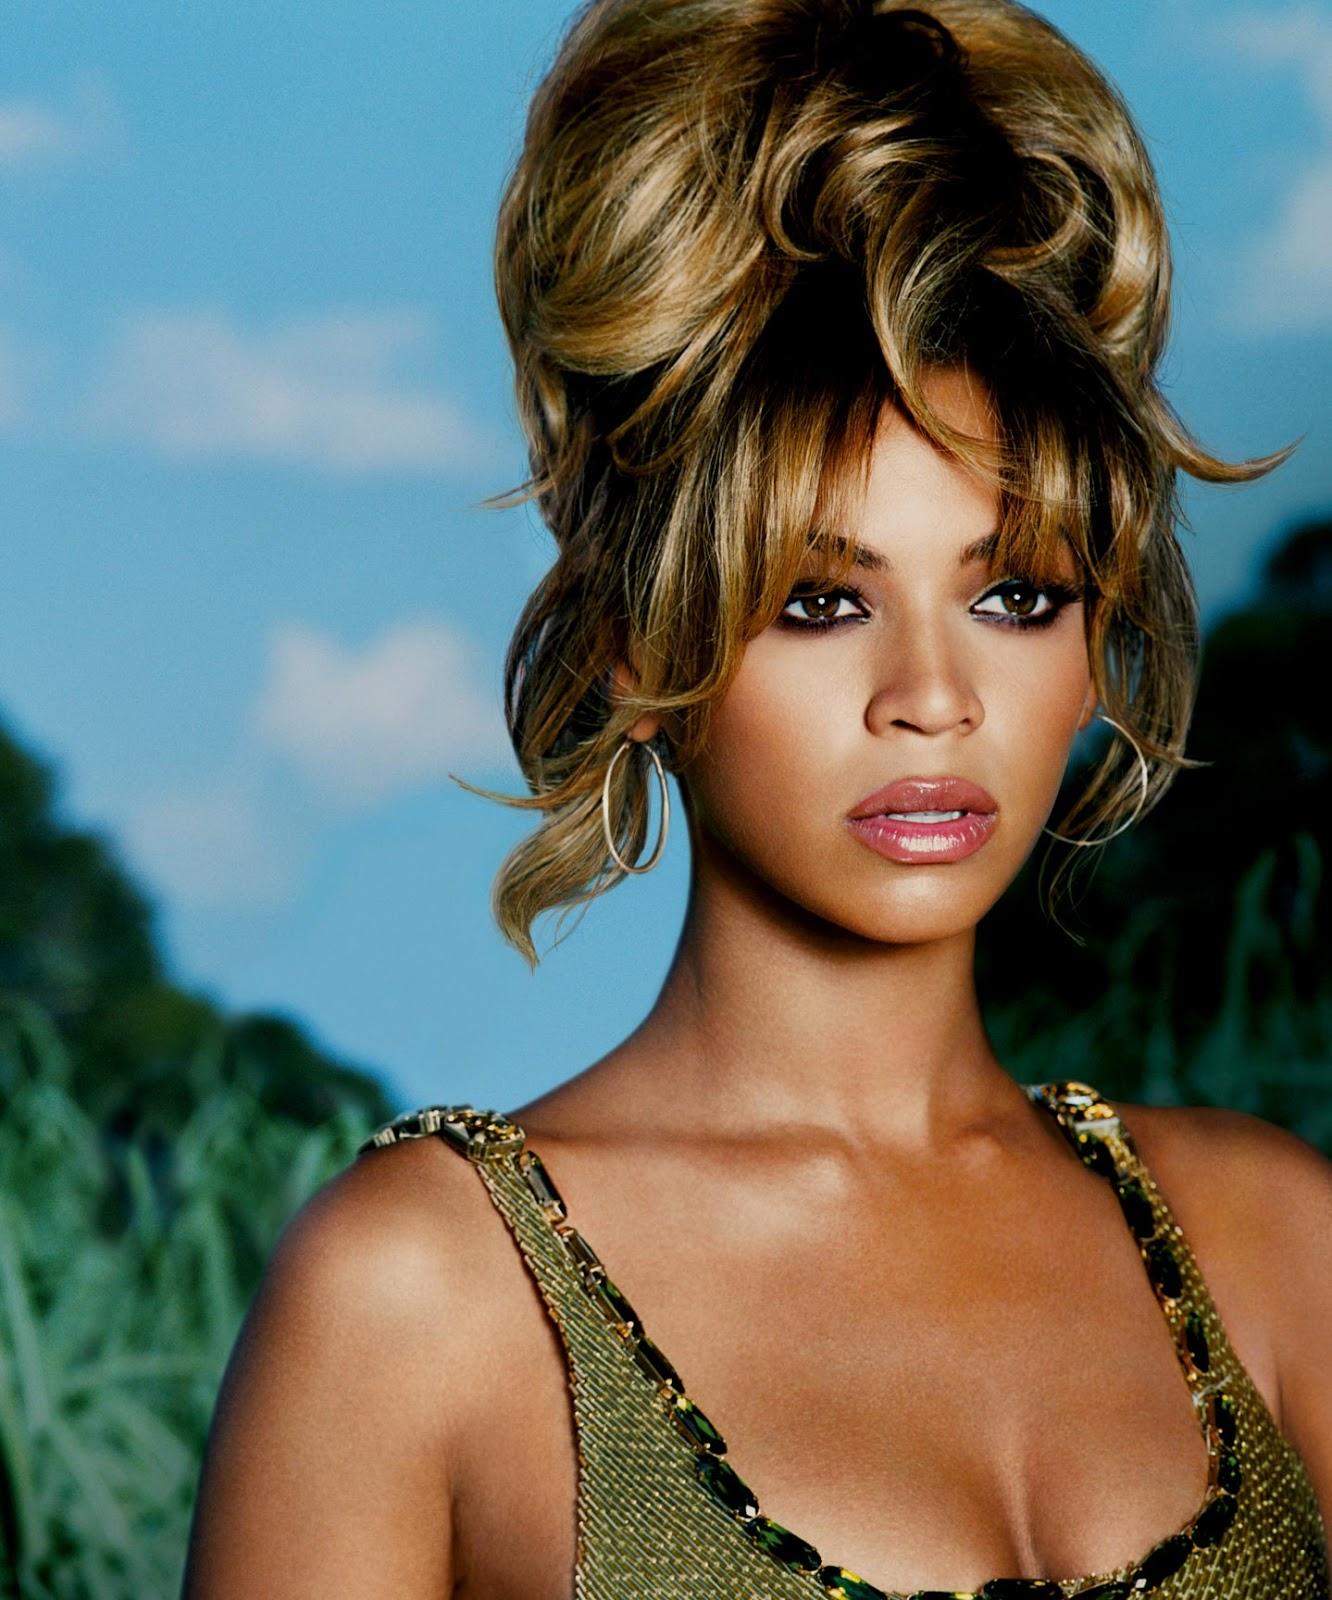 http://3.bp.blogspot.com/-b_fOfaavwv4/UVBGMP8hZ6I/AAAAAAAALFg/L0KJDL3bzMk/s1600/Beyonce+1960s+hair+Deja+Vu+hairstyle.jpg